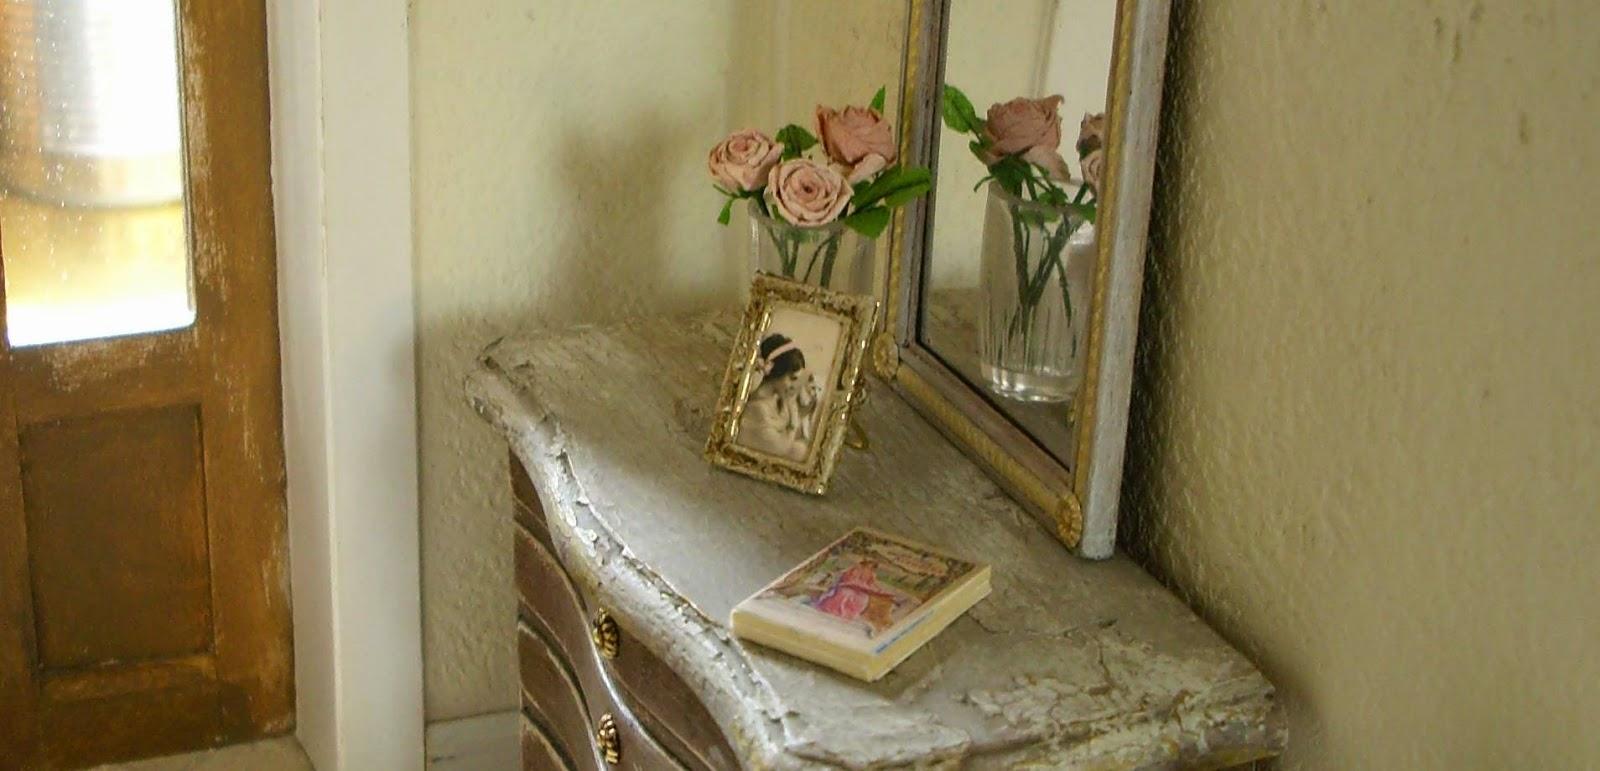 kommode f r den flur. Black Bedroom Furniture Sets. Home Design Ideas